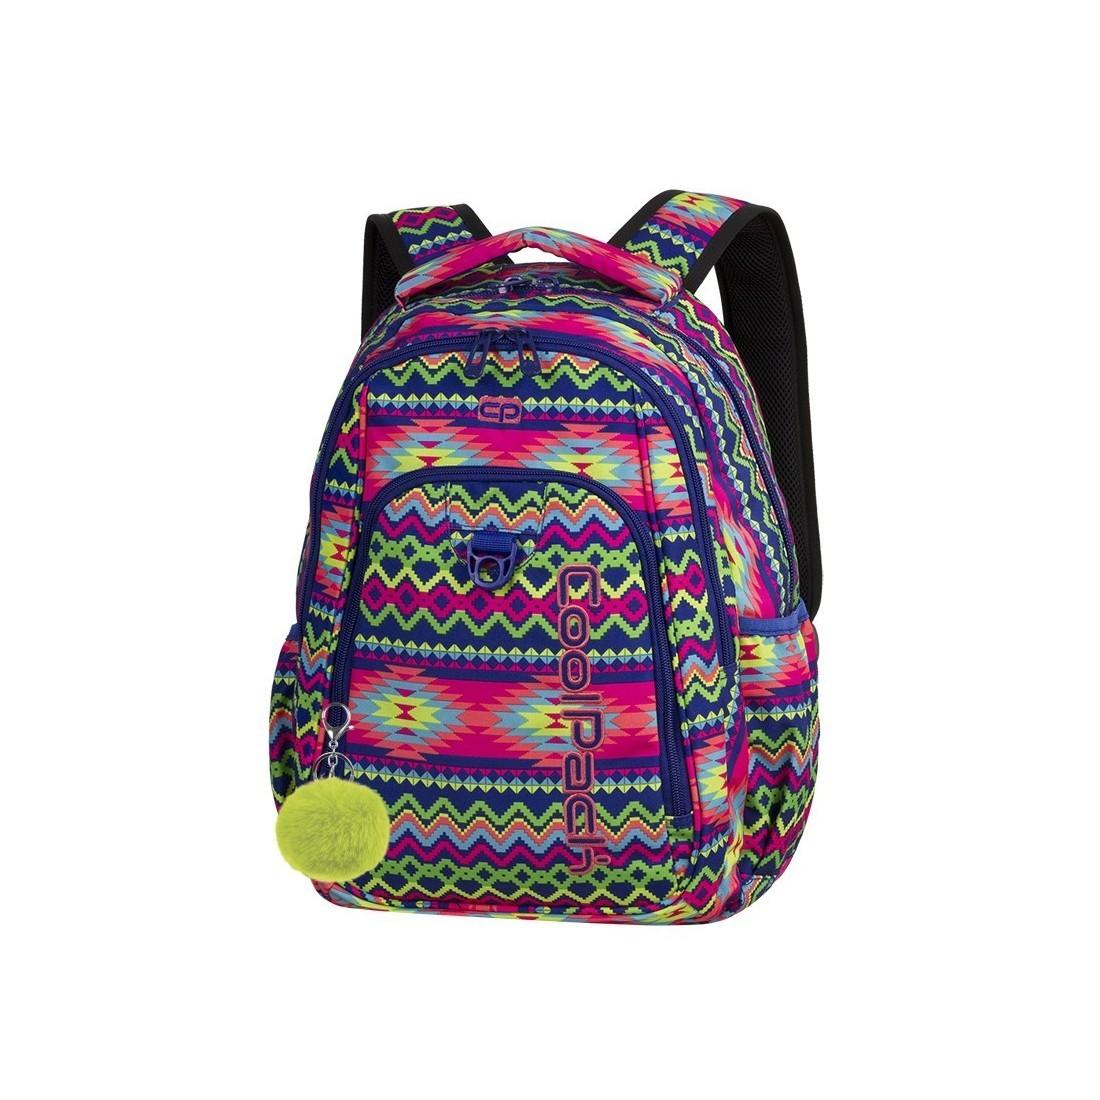 62551e48a6e88 Plecak szkolny CoolPack CP STRIKE BOHO ELECTRA kolorowe zygzaki dla  nastolatki - 781+ GRATIS POMPON